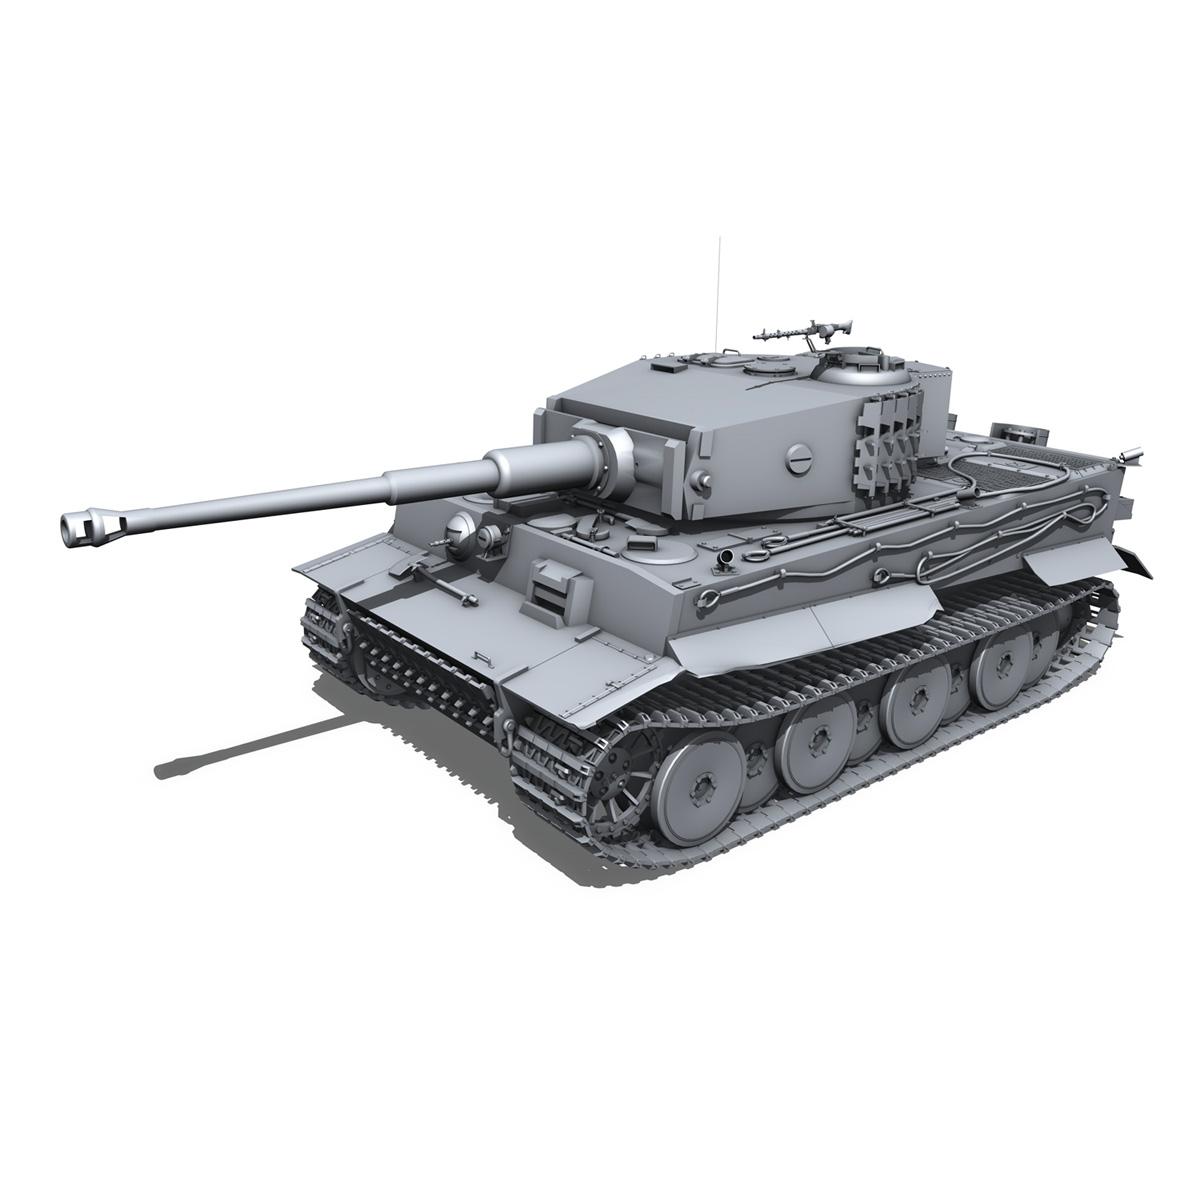 panzer vi – tiger – mid production 3d model 3ds fbx c4d lwo obj 202292